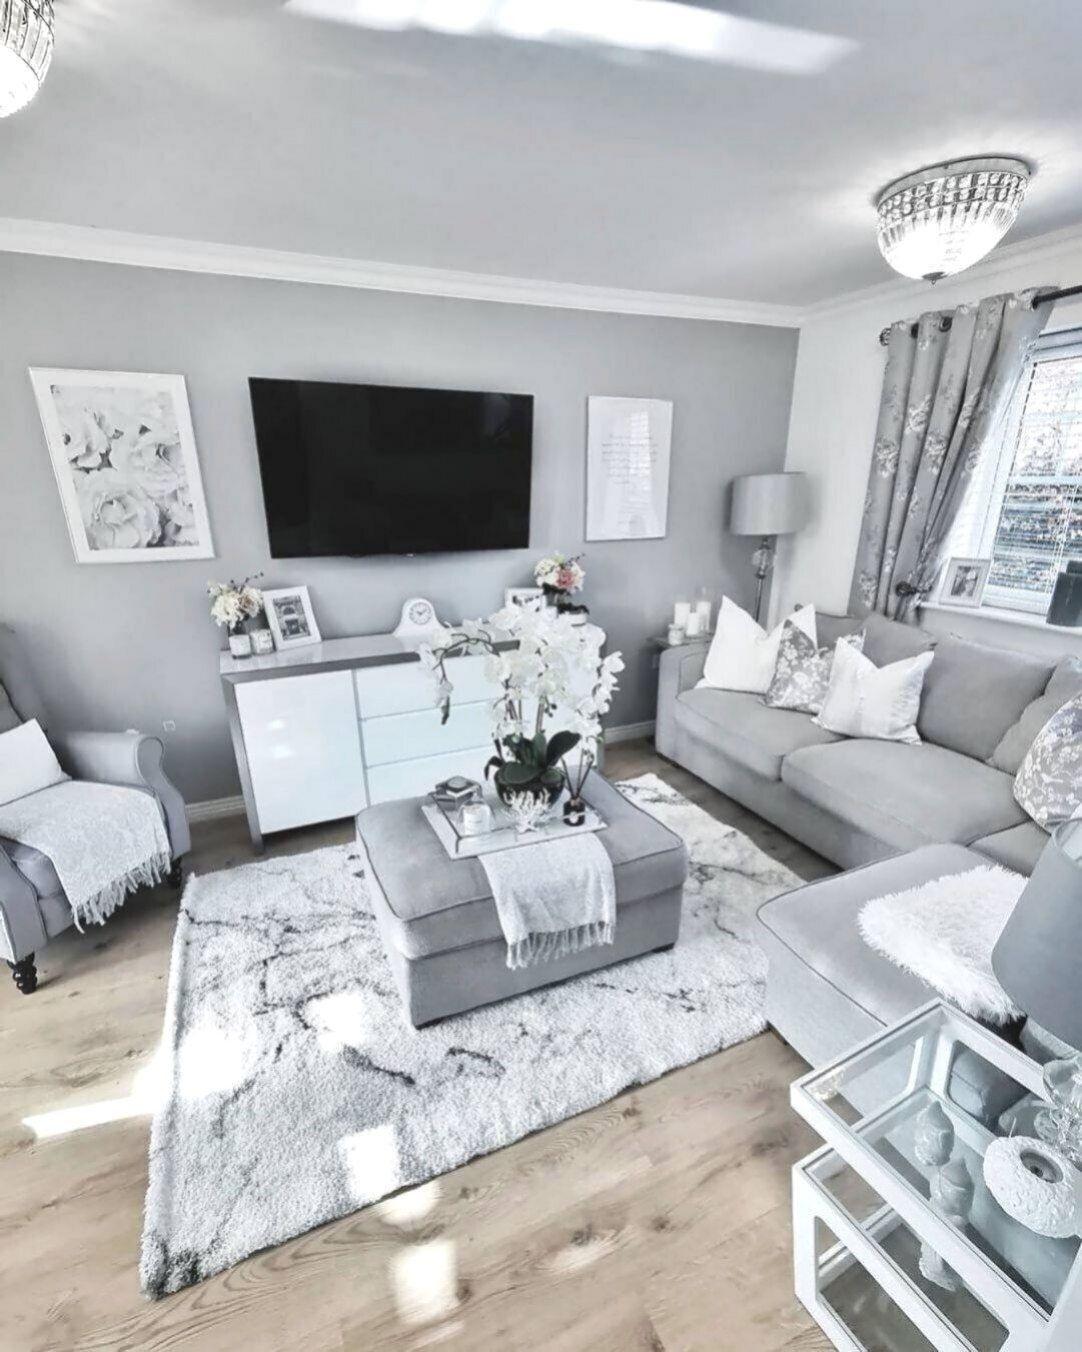 Deko-ideen für ihr wohnzimmer grau  Oturma odası fikirleri